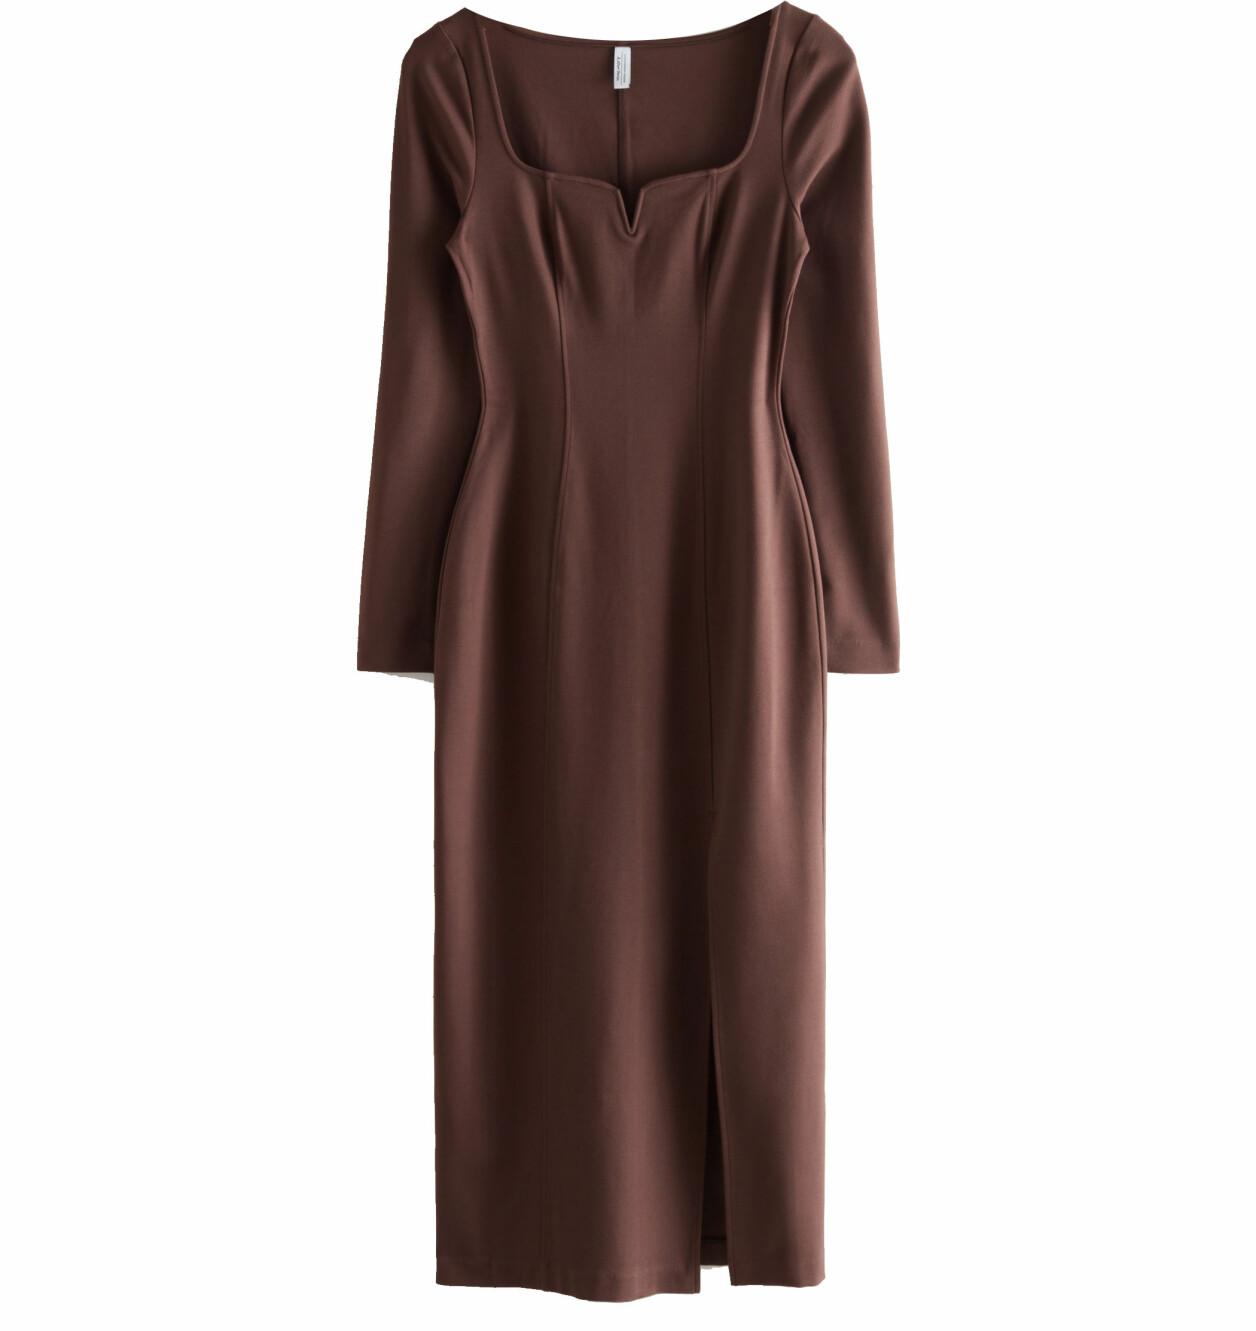 brun klänning med slits